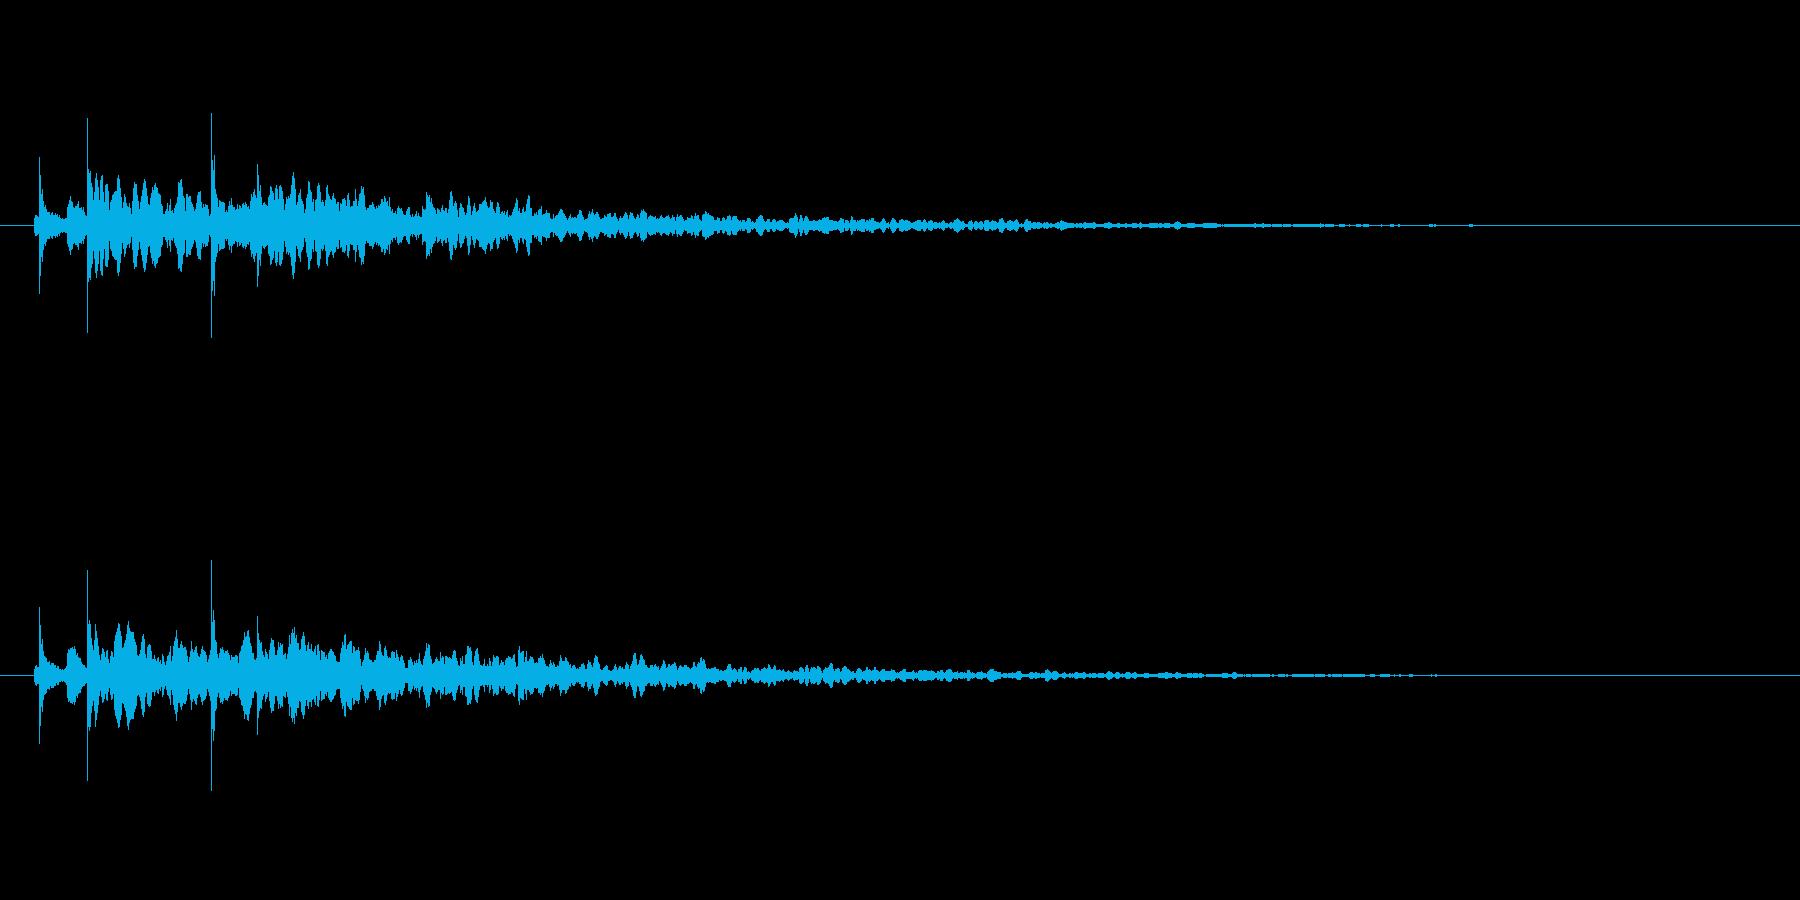 【アクセント37-1】の再生済みの波形